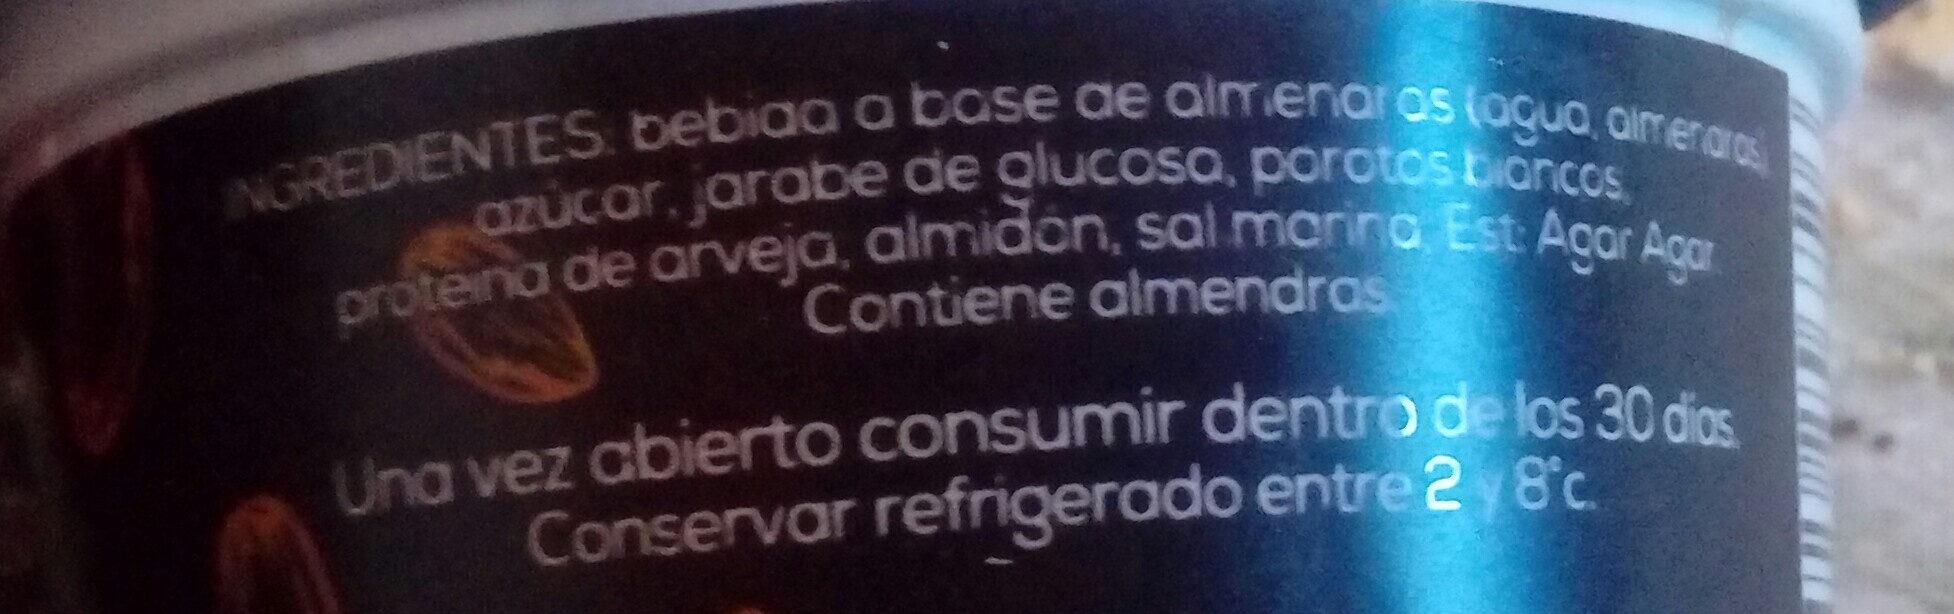 Dulce de Almendras - Ingredients - es